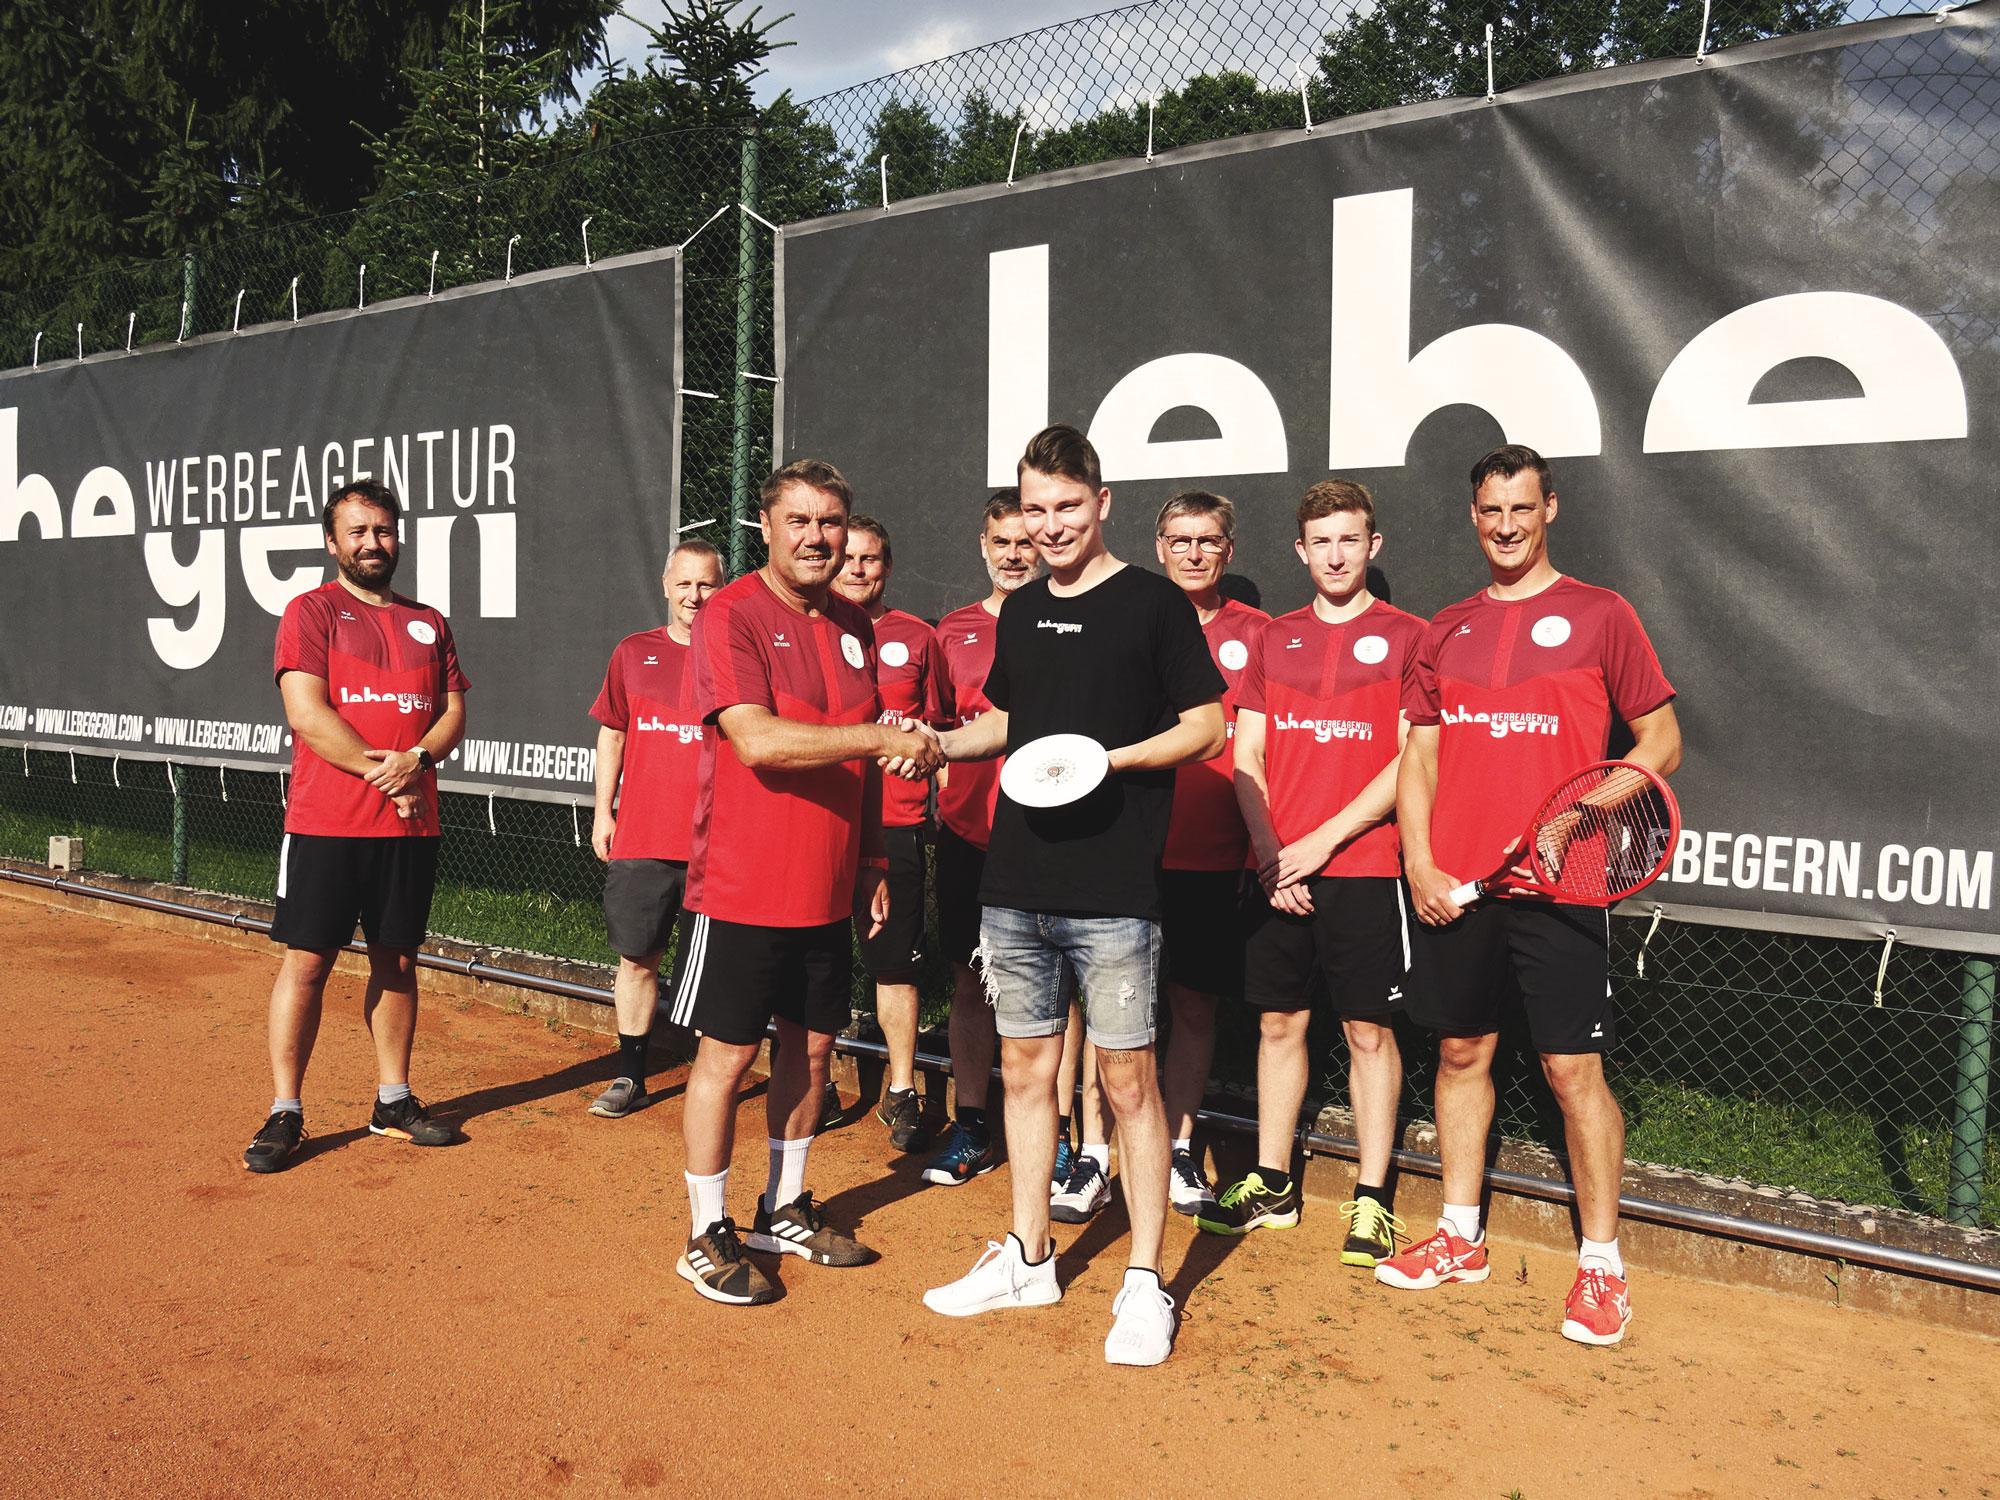 Werbeagentur Lebegern unterstützt Tennisclub Windischeschenbach